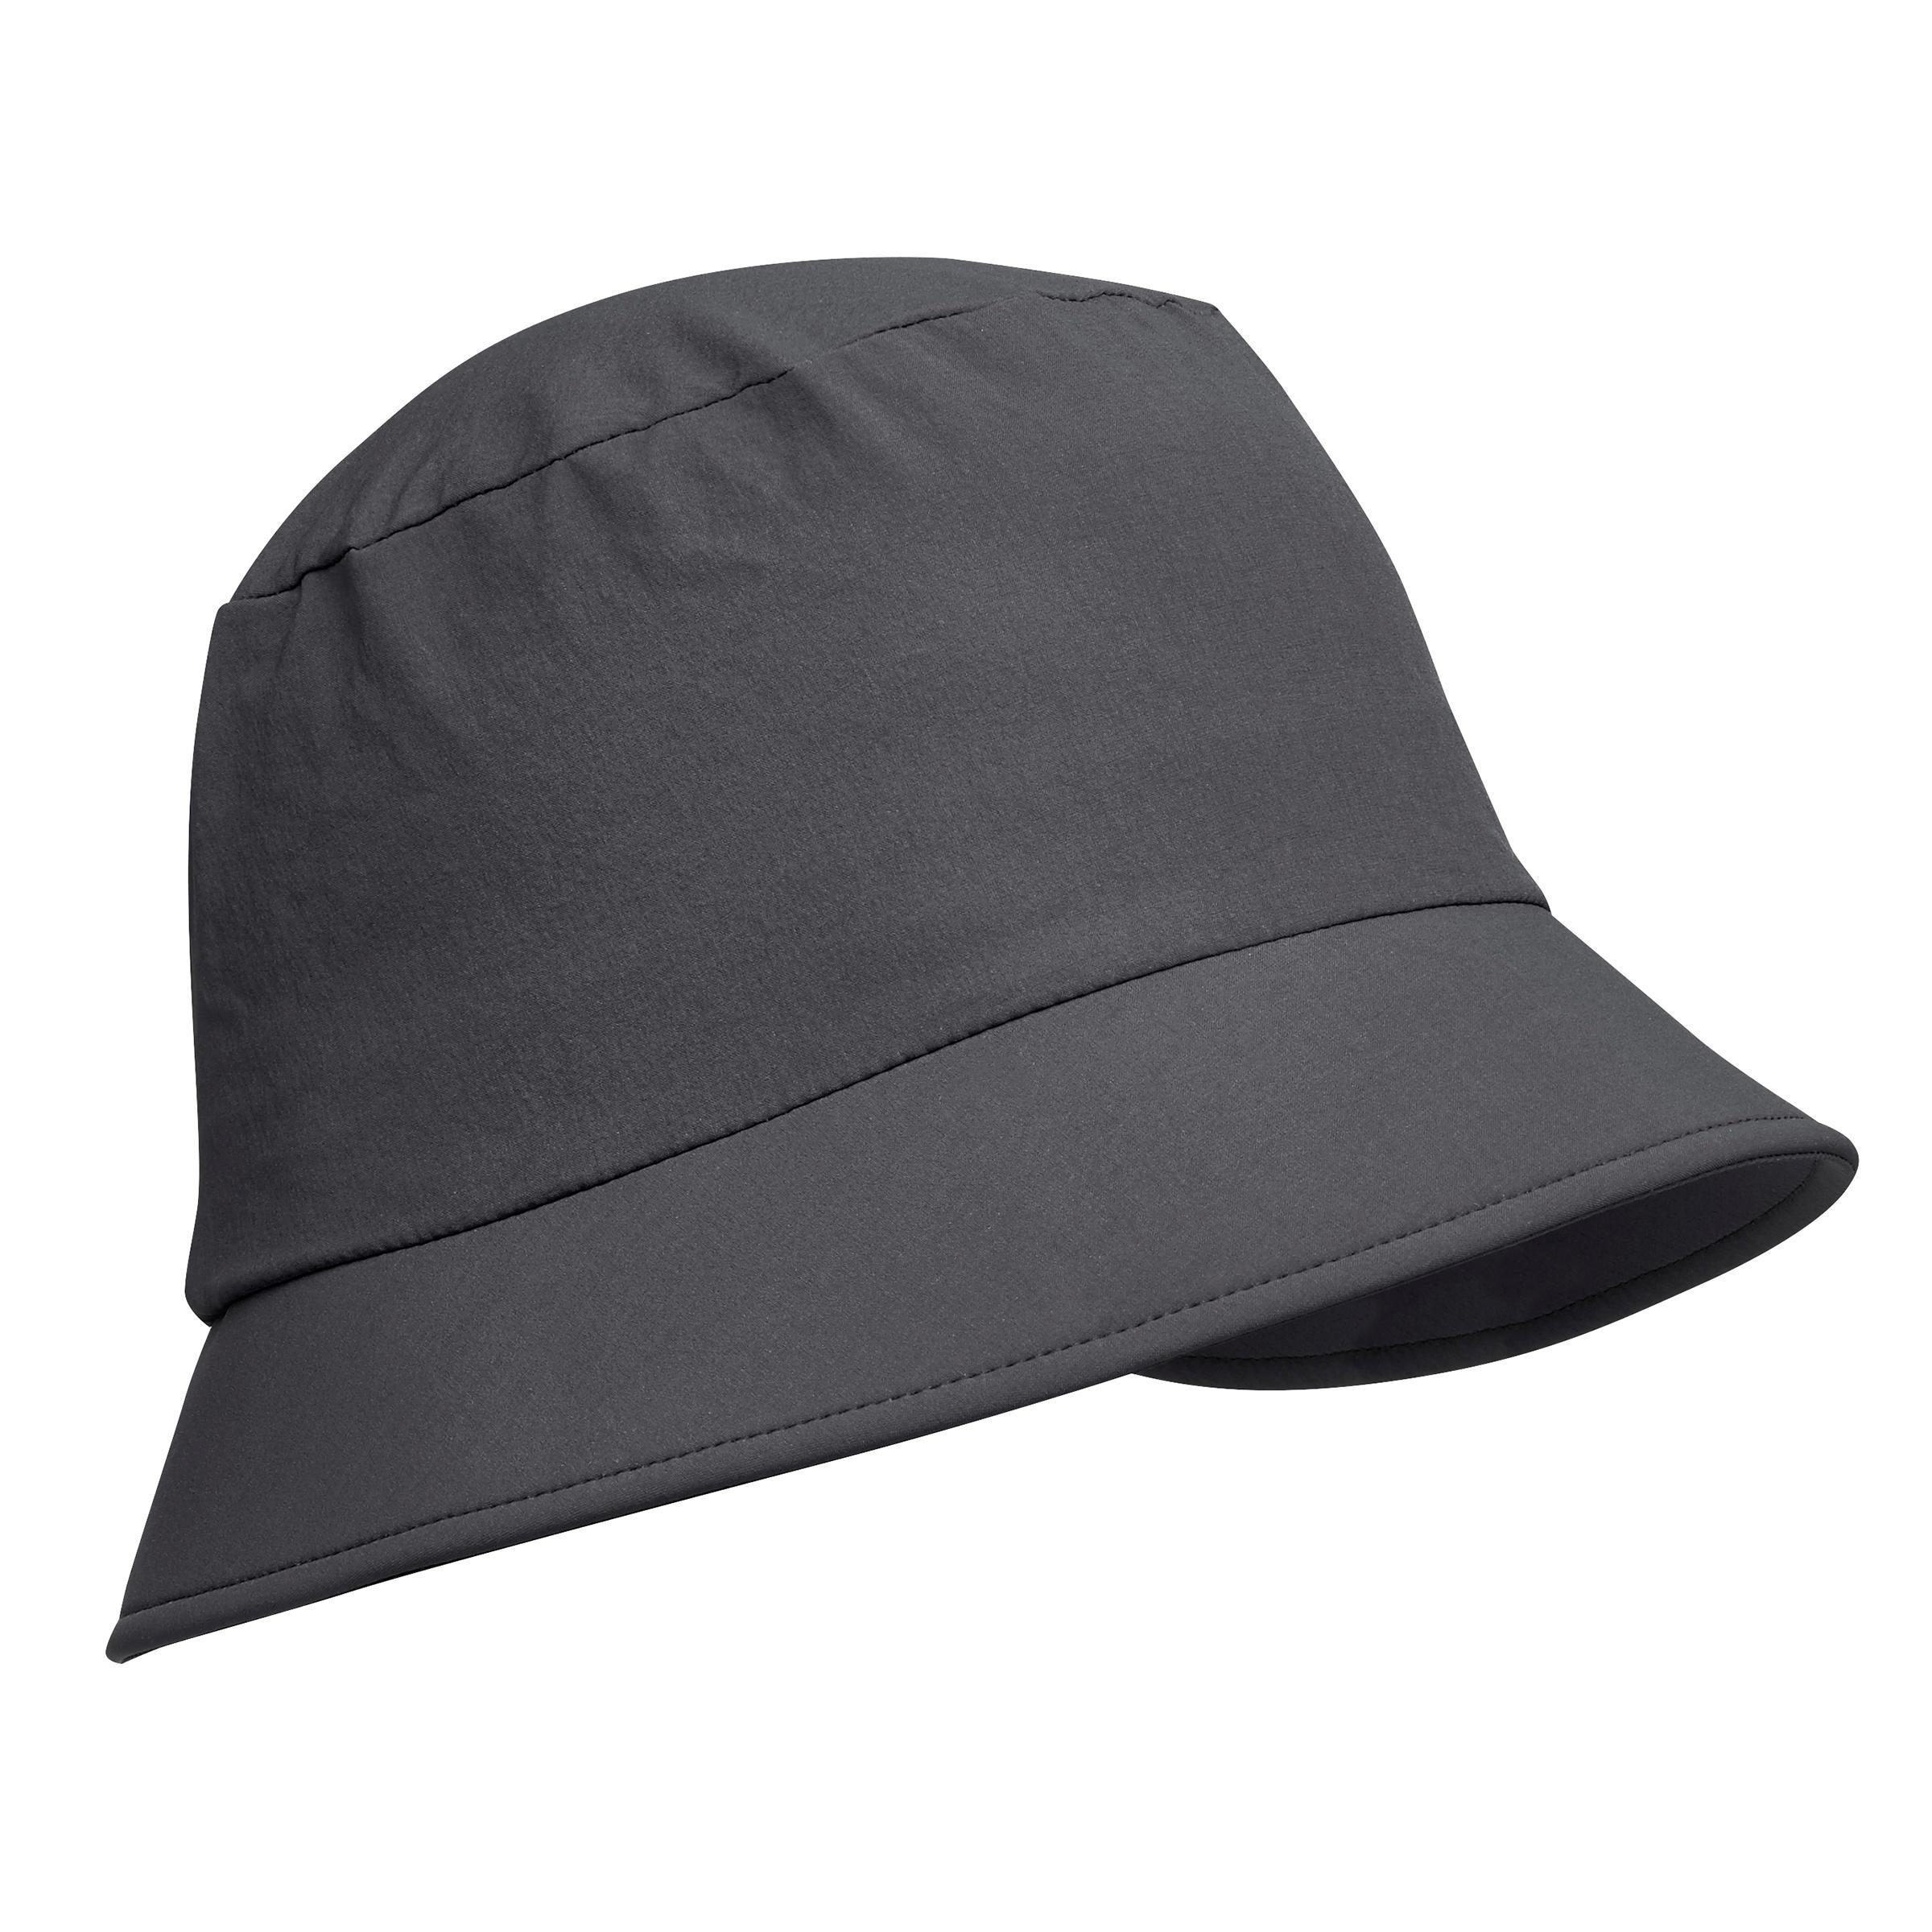 หมวกสำหรับเทรคกิ้งบ...